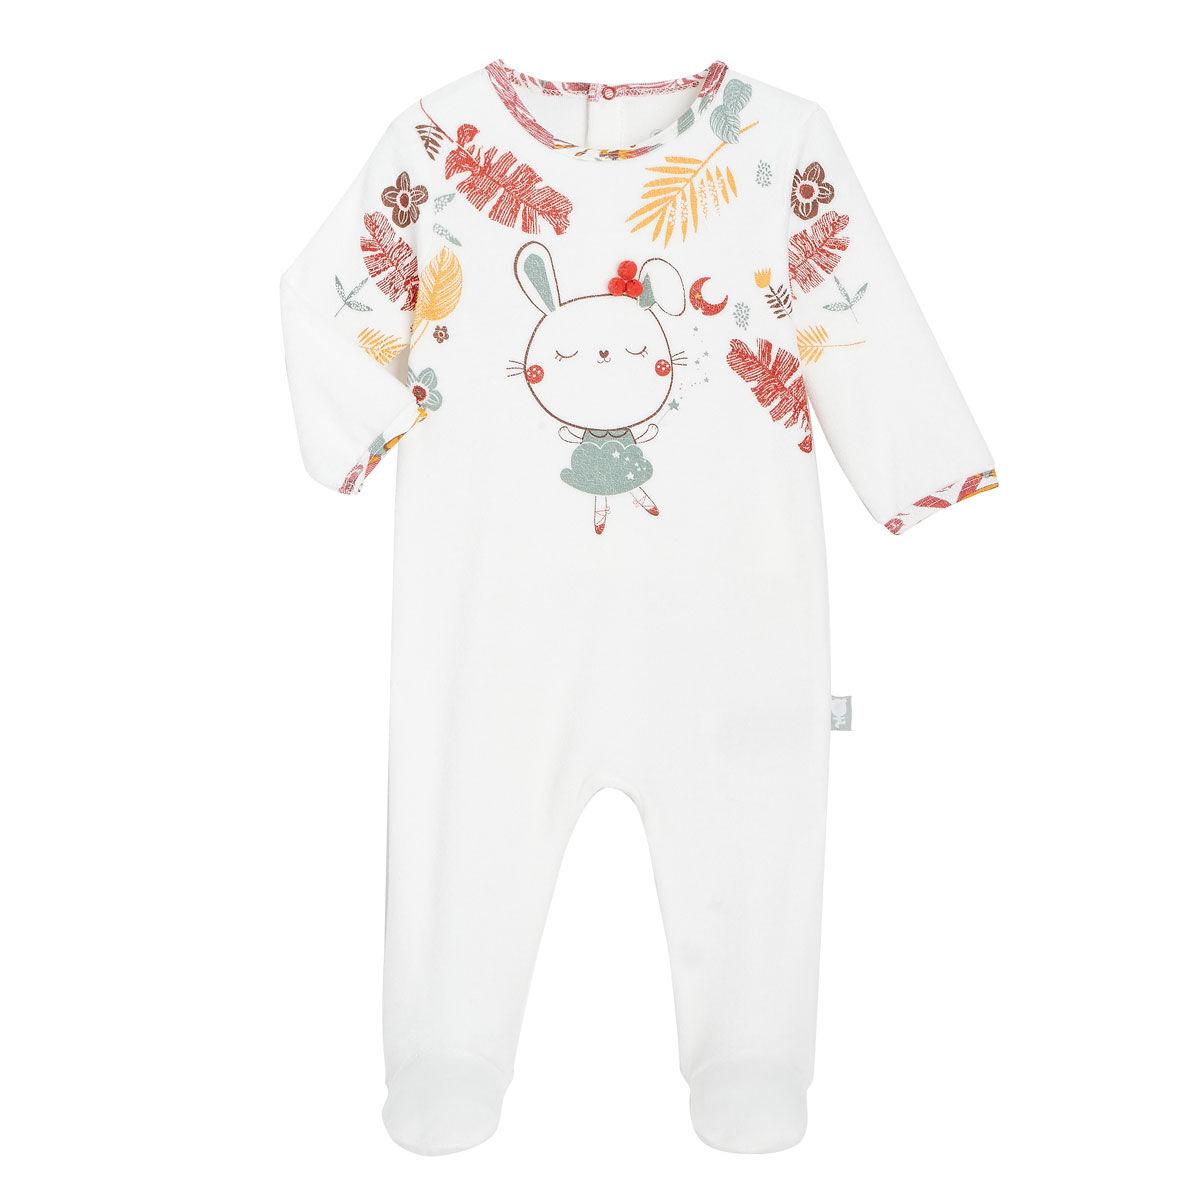 Petit Béguin Pyjama bébé en velours contenant du coton bio BonjourAmour - Taille - 18 mois